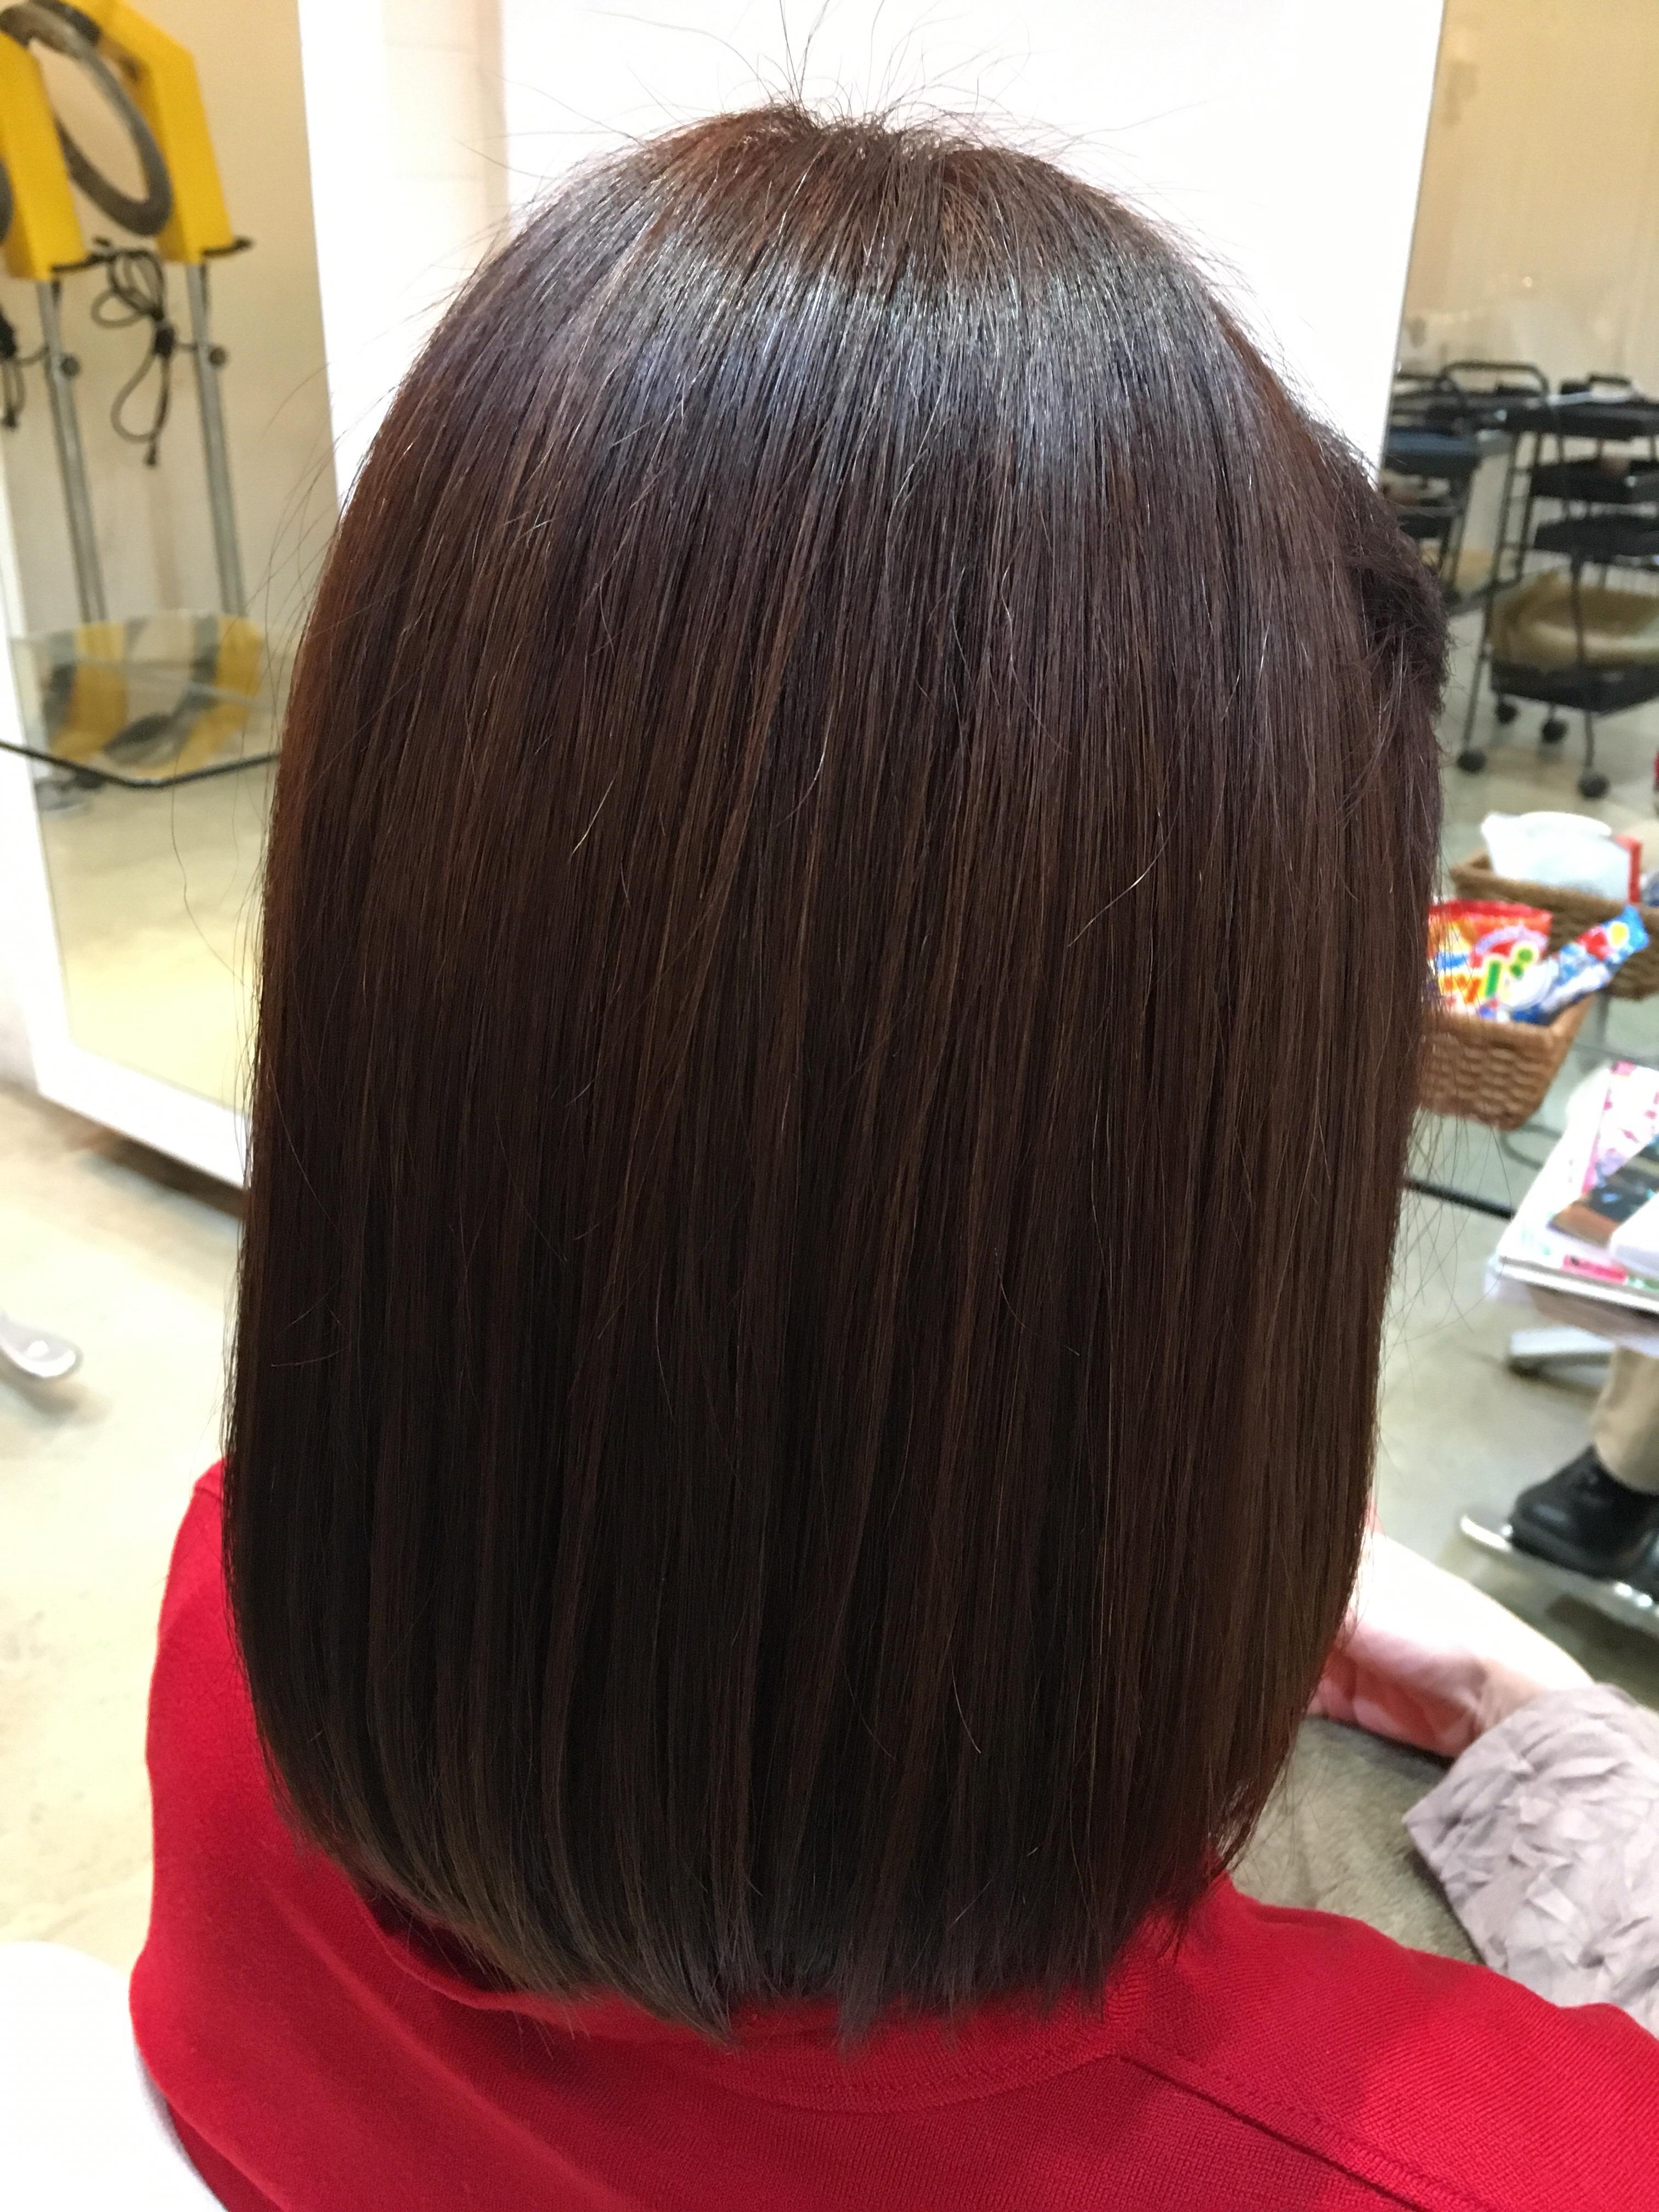 名古屋、美容室、弱酸性縮毛矯正、ノンアイロン、pim